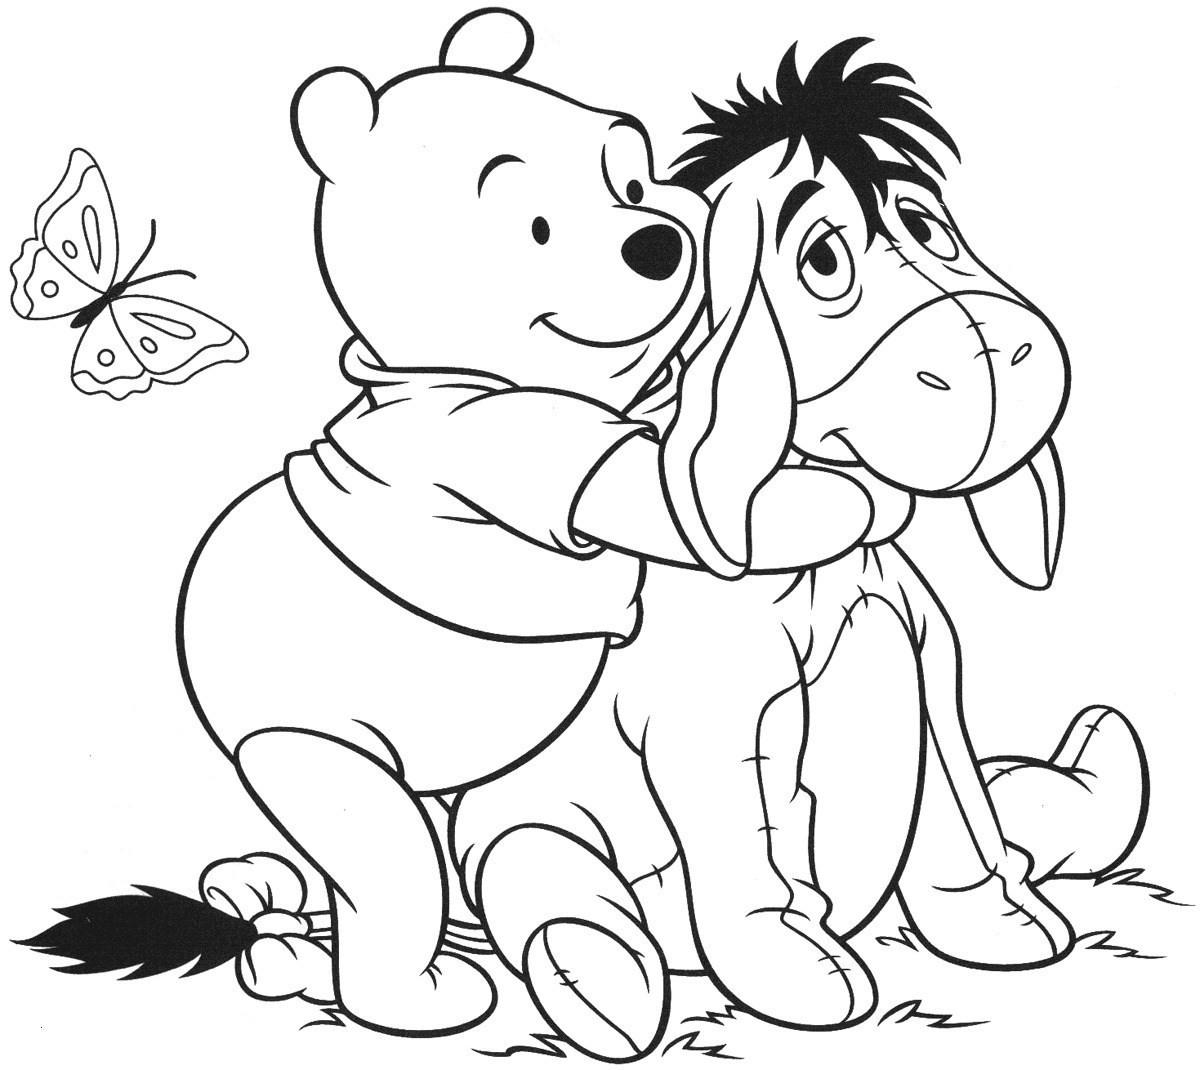 Ausmalbilder Winnie Pooh Frisch Ausmalbilder Winnie Puuh Neu 35 Malvorlagen Winnie Pooh Galerie